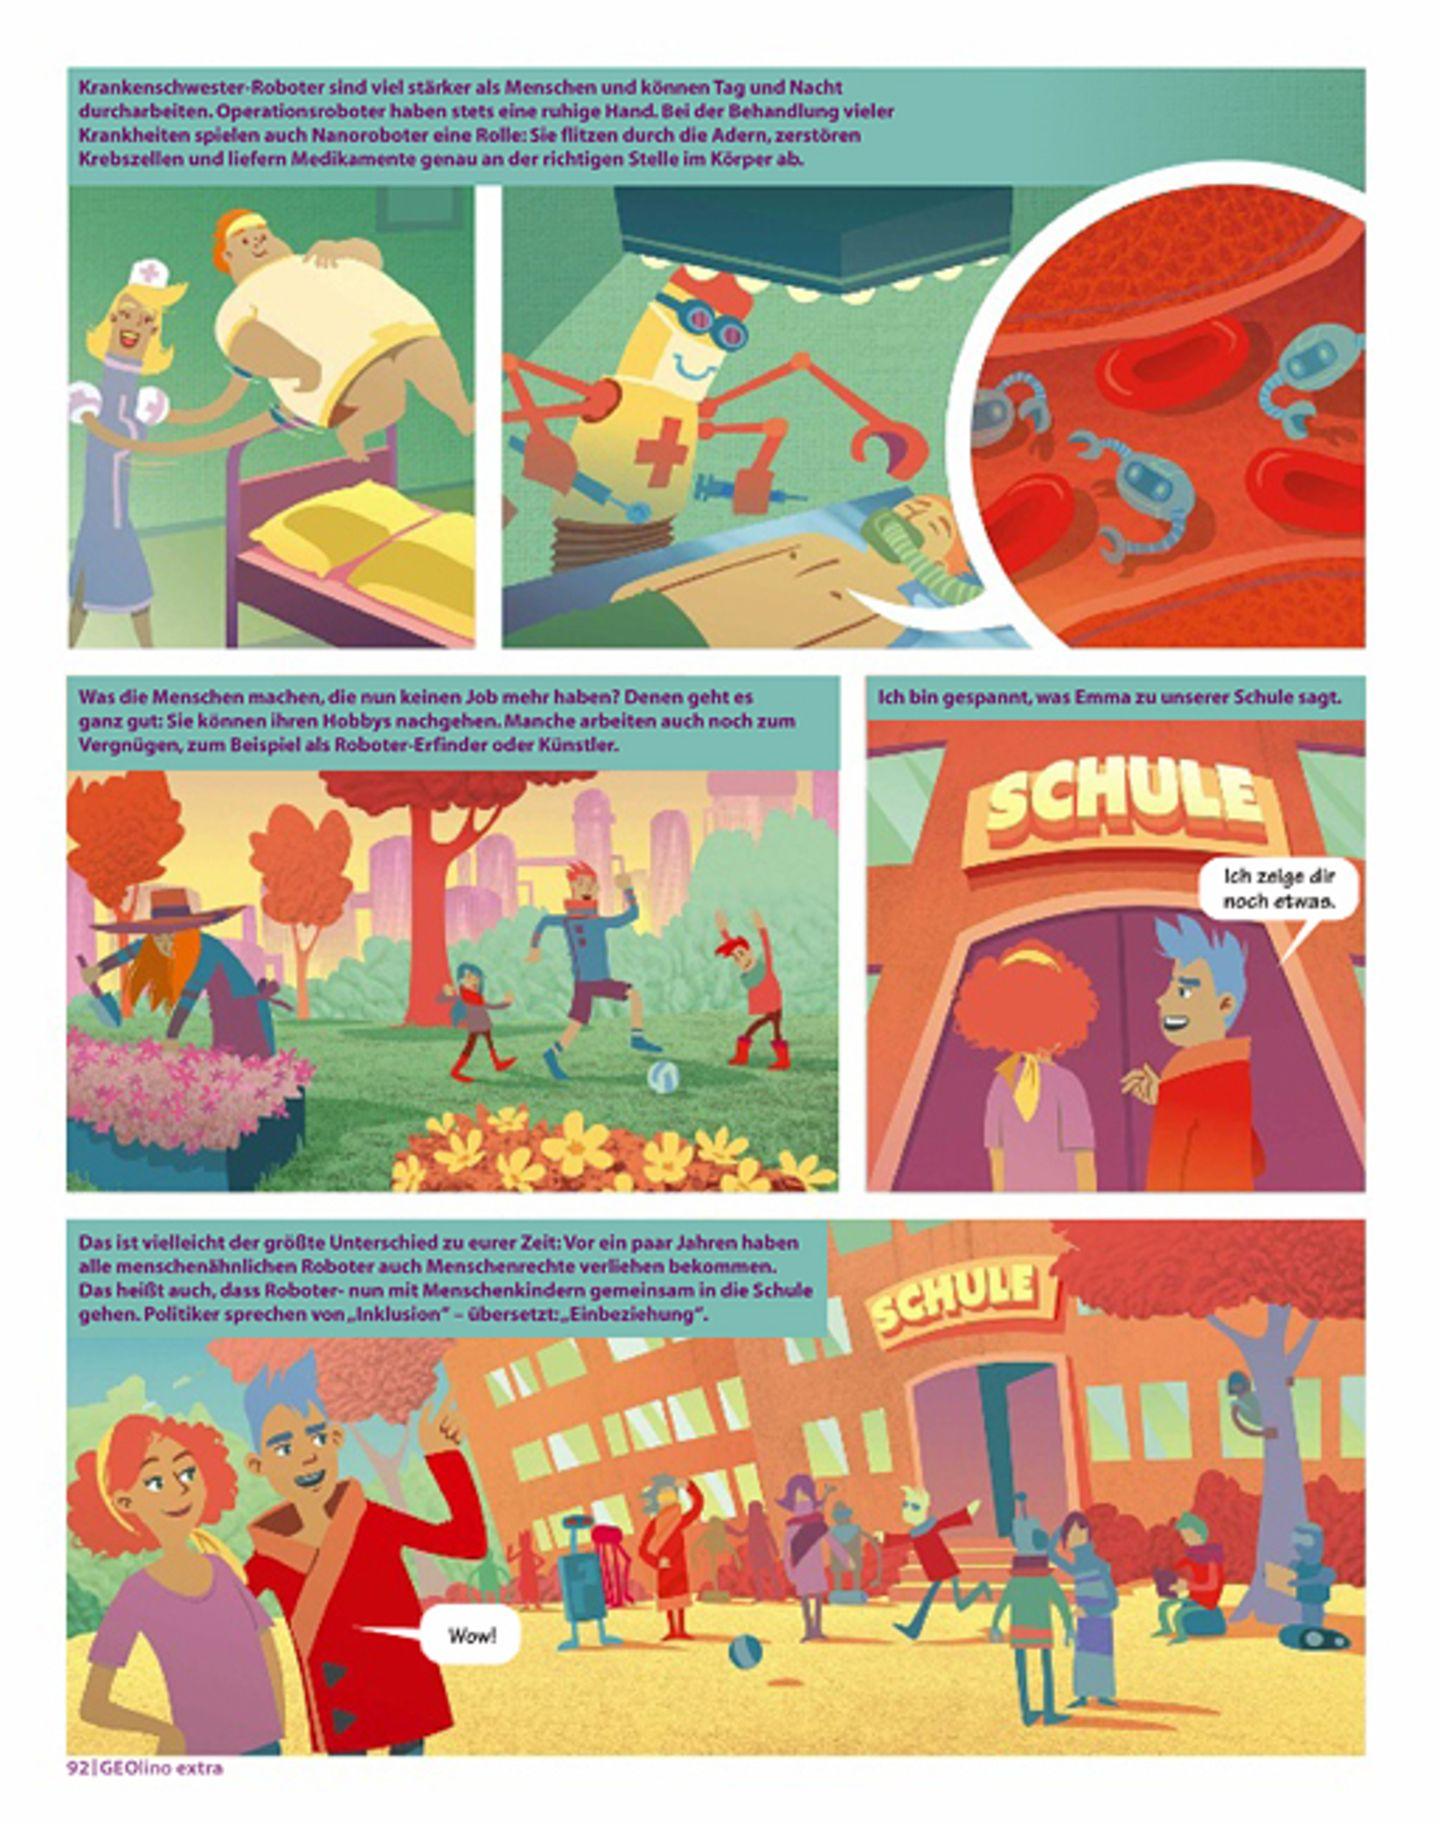 Zukunft: Comic: Zu Besuch bei den Robotern der Zukunft - Bild 4